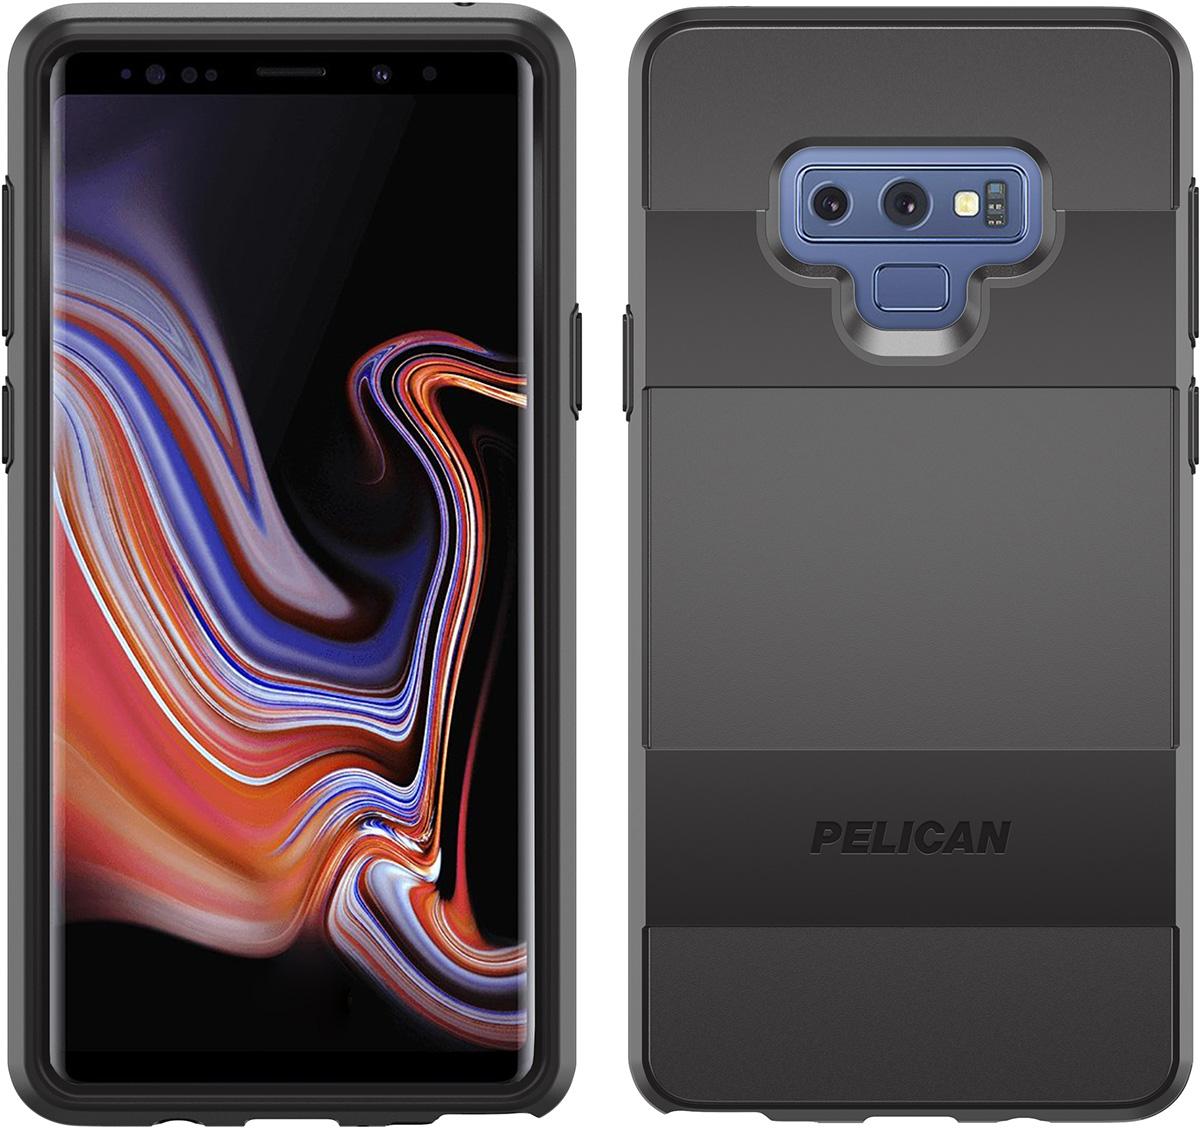 pelican samsung note9 sleek black phone case